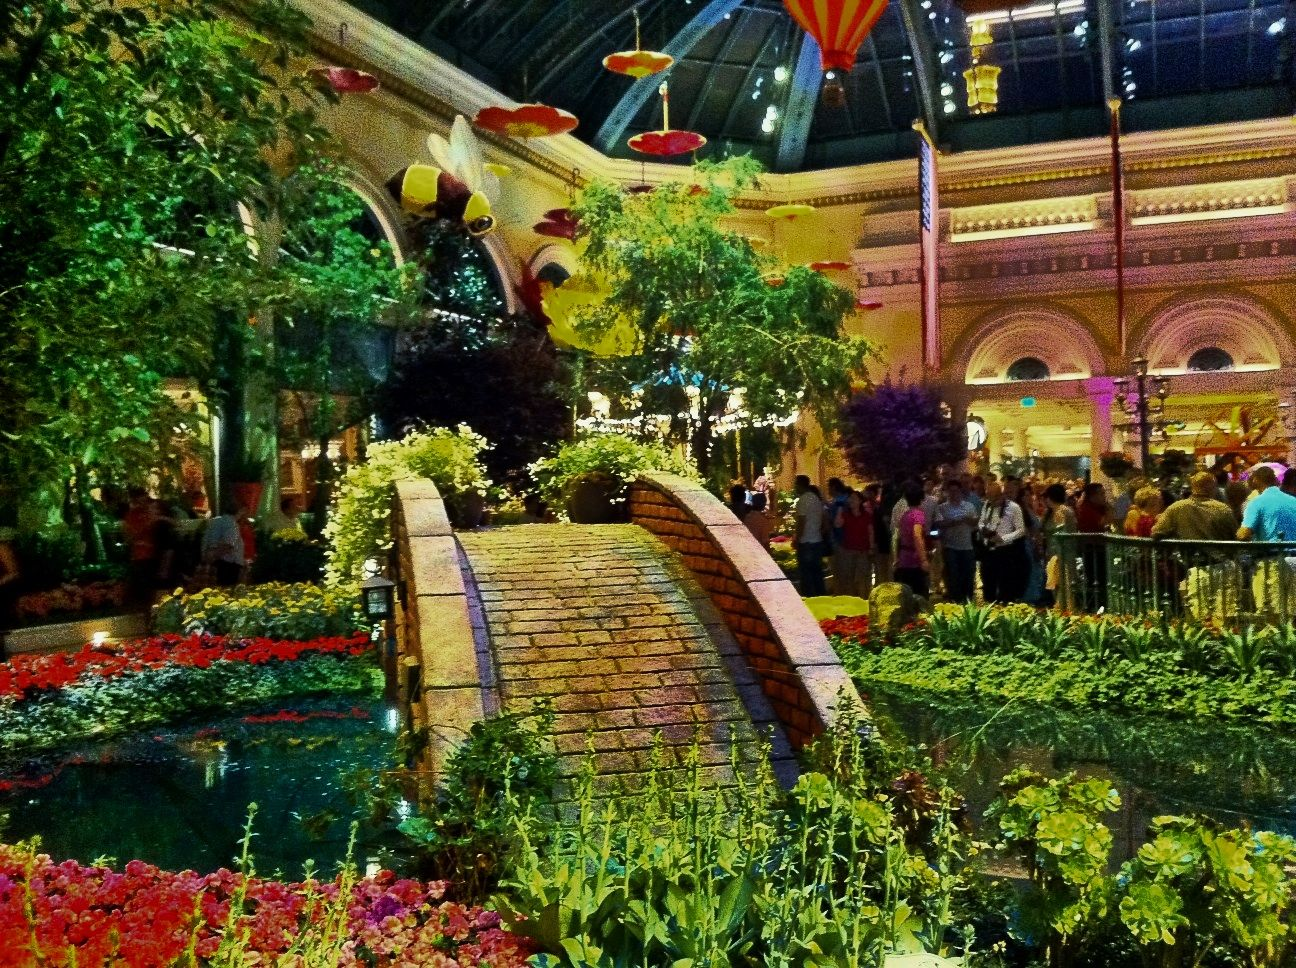 b86fb19e8e2829cd3a8ef5573cce98f2 - The Gardens Casino Hawaiian Gardens Ca